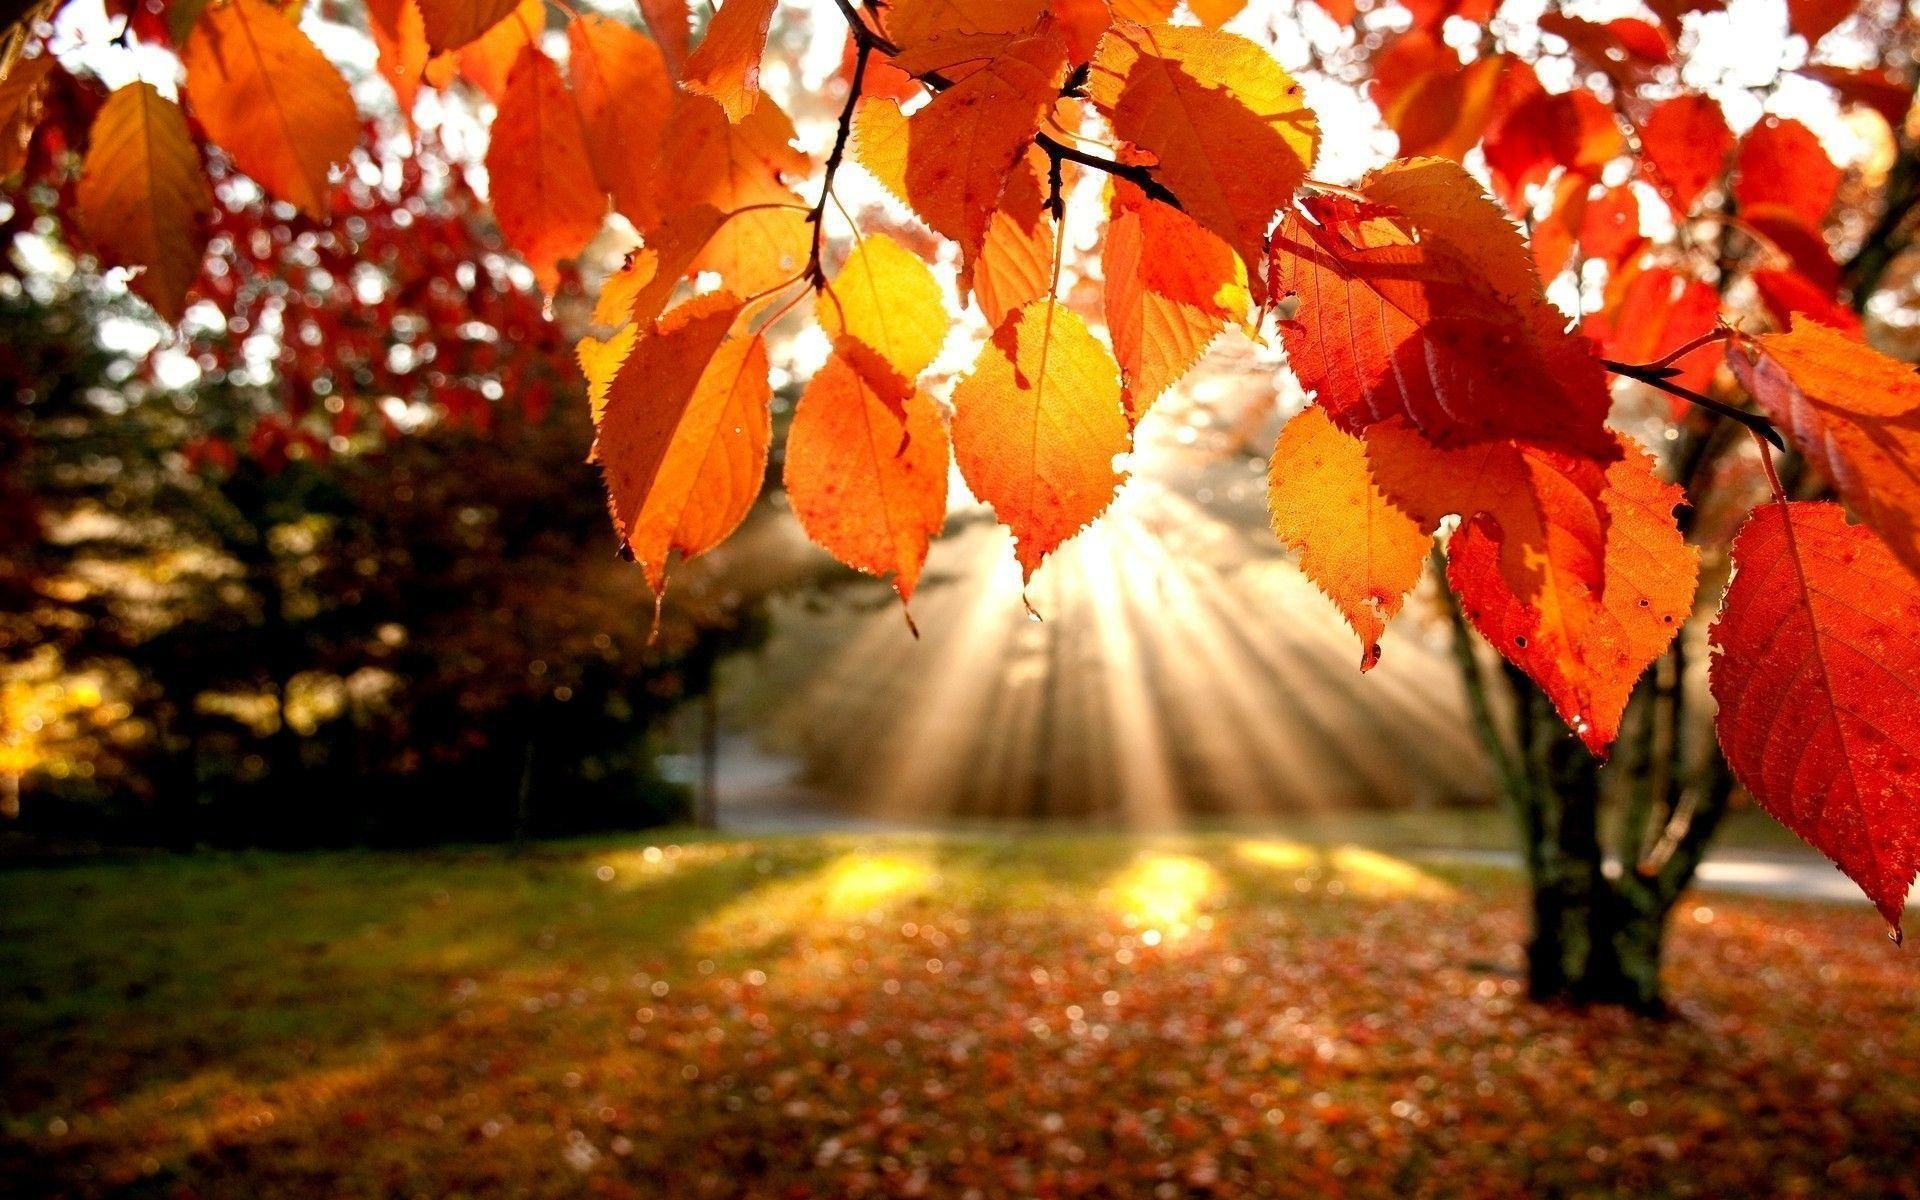 Fall Leaves Wallpaper For Desktop 60 Images